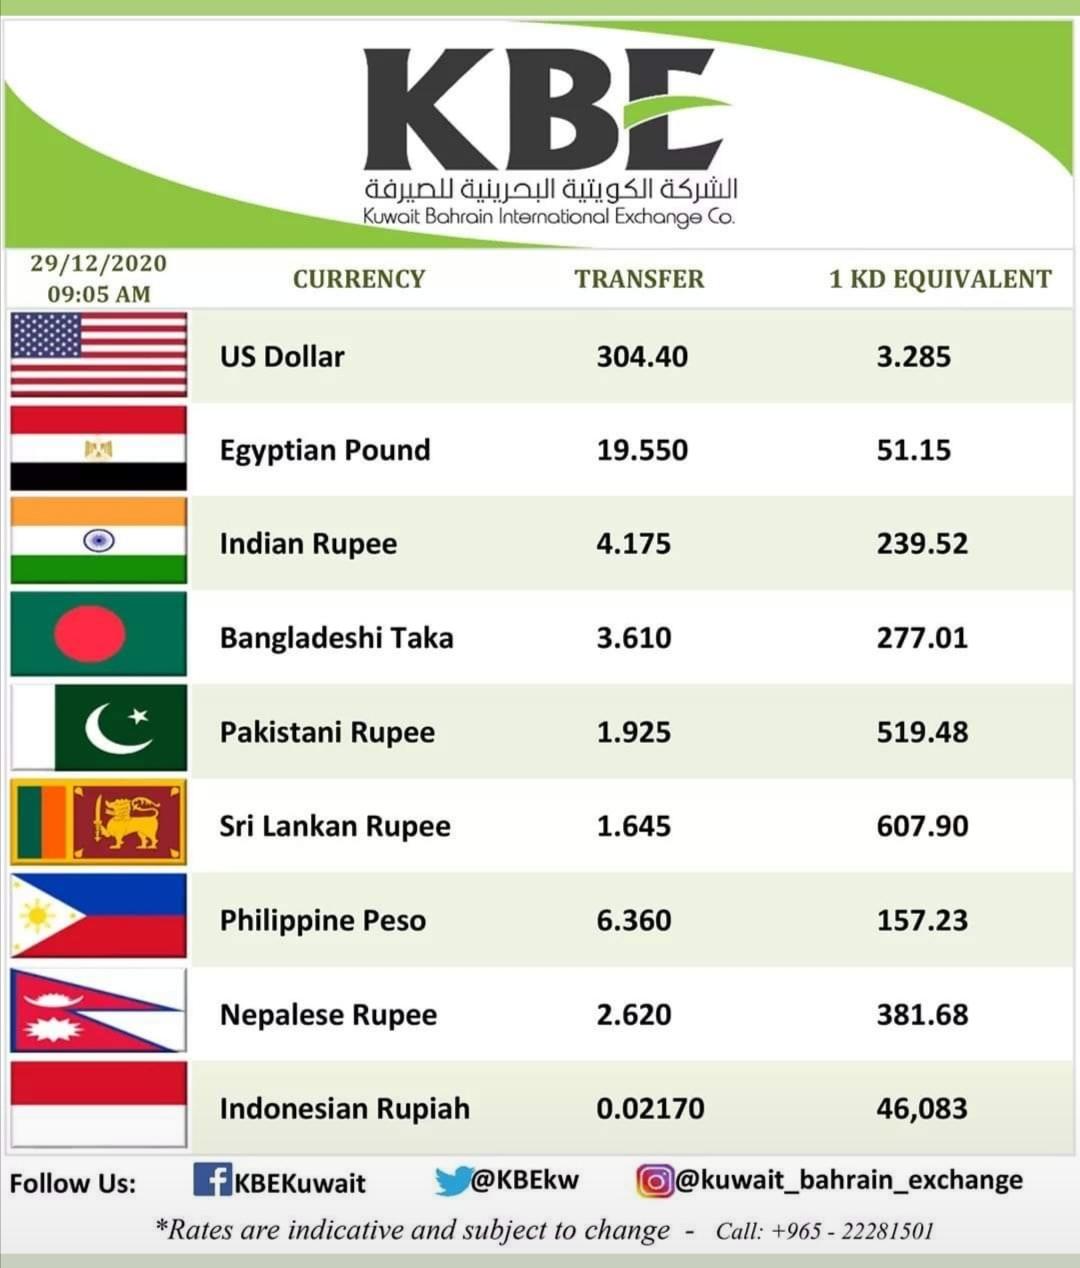 سعر التحويل في الصرافات اليوم سعر التحويل لمصر الكويتية البحرينية للصرافه ٢٩ ديسمبر ٢٠٢٠